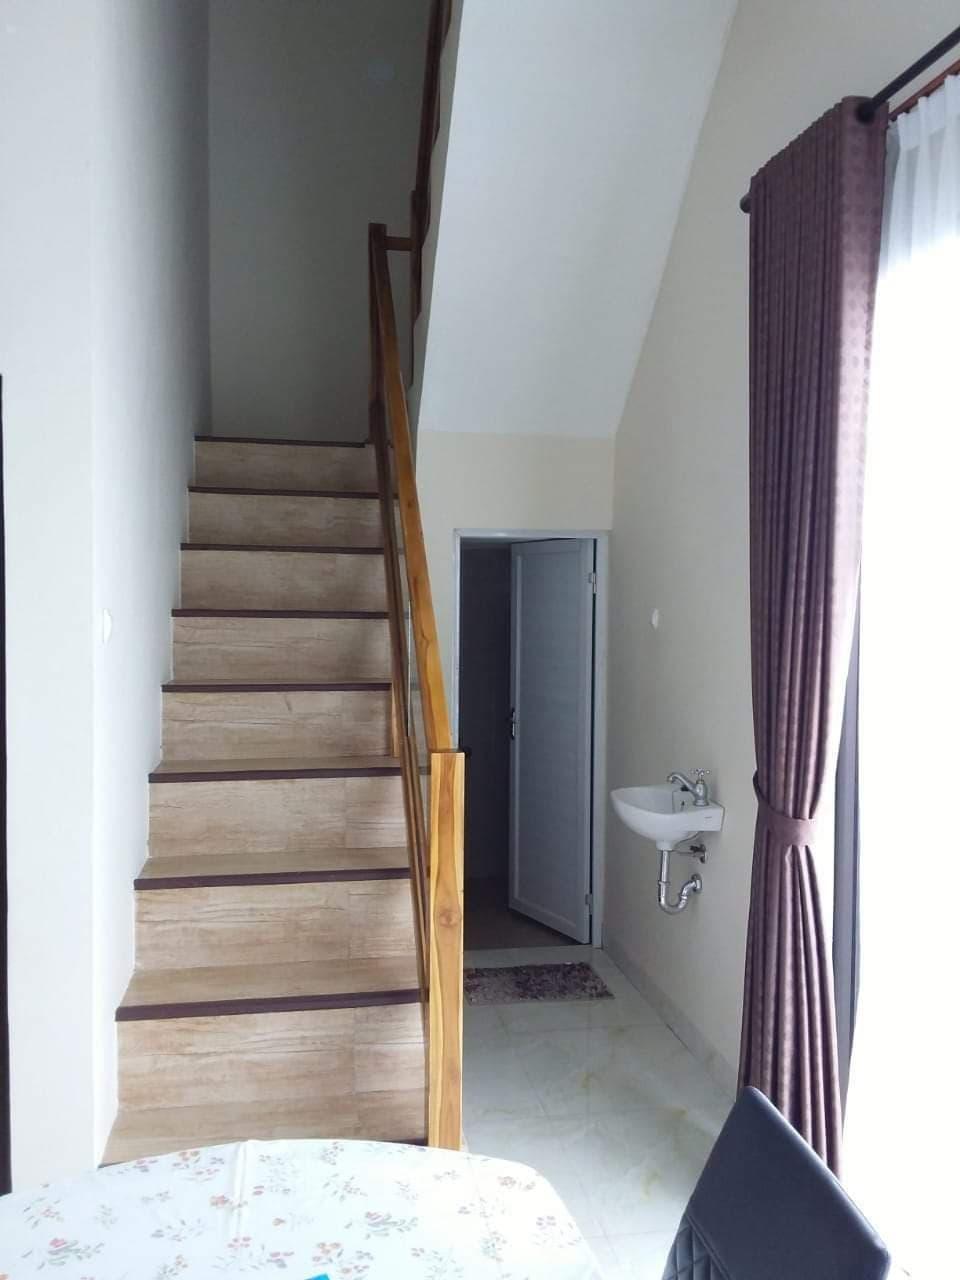 Beli Rumah Resort Type 82 di Jogja Gratis Beli Rumah Type 36 3